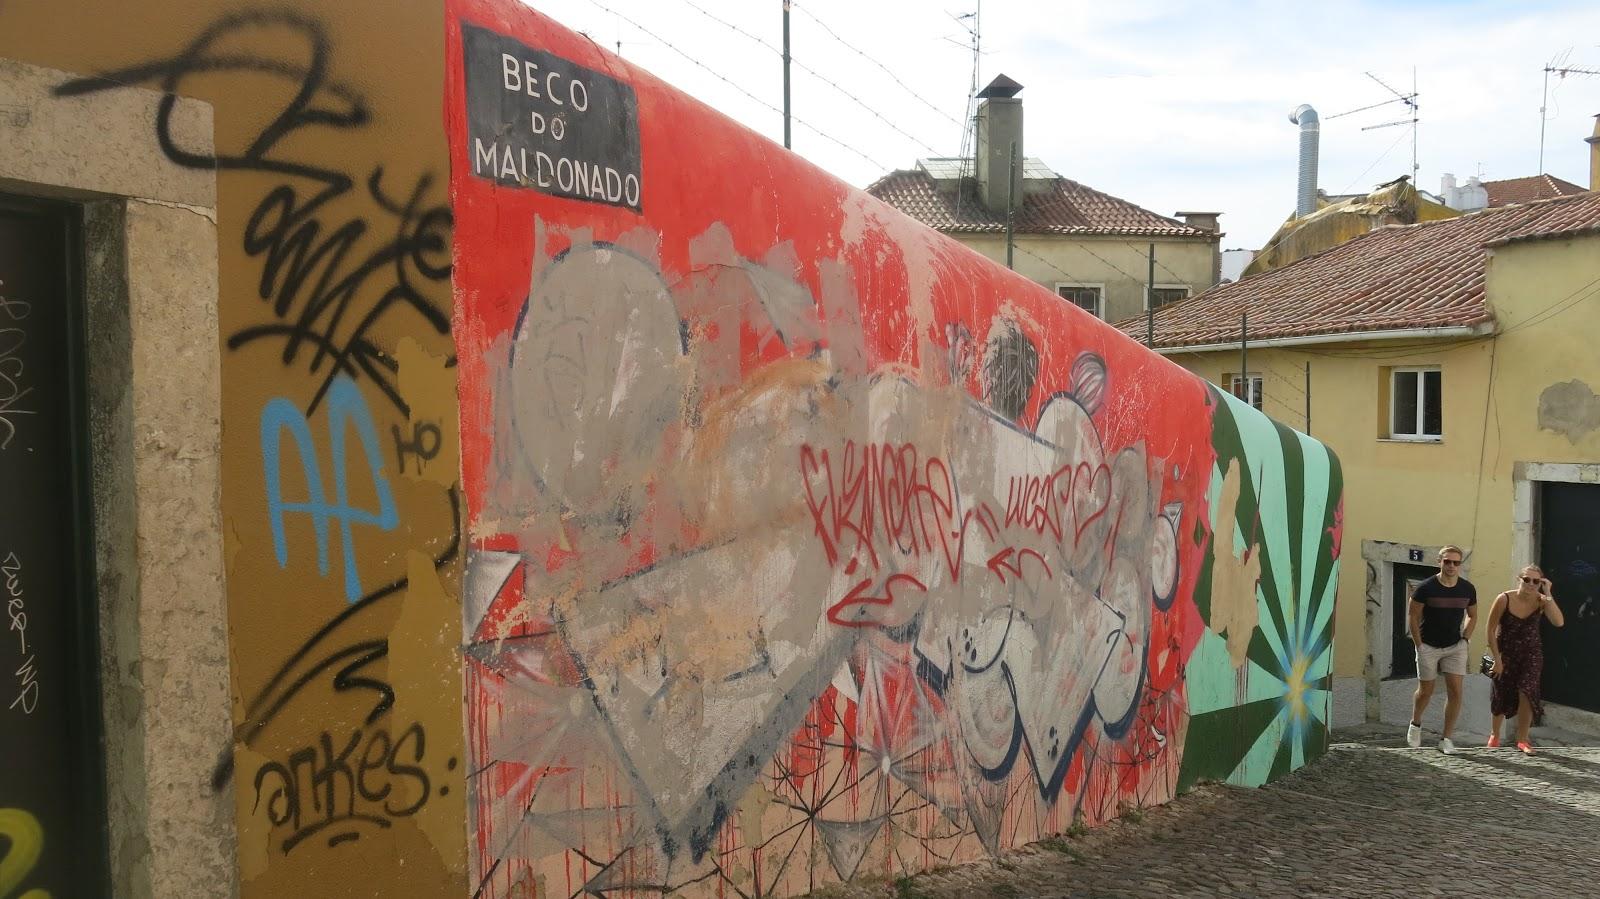 8882ed65c Quase, quase à entrada do Castelo de São Jorge há um lugar muito artístico,  muito hipster. Esse lugar se chama Pátio de Dom Fradique, e está todo  grafitado ...